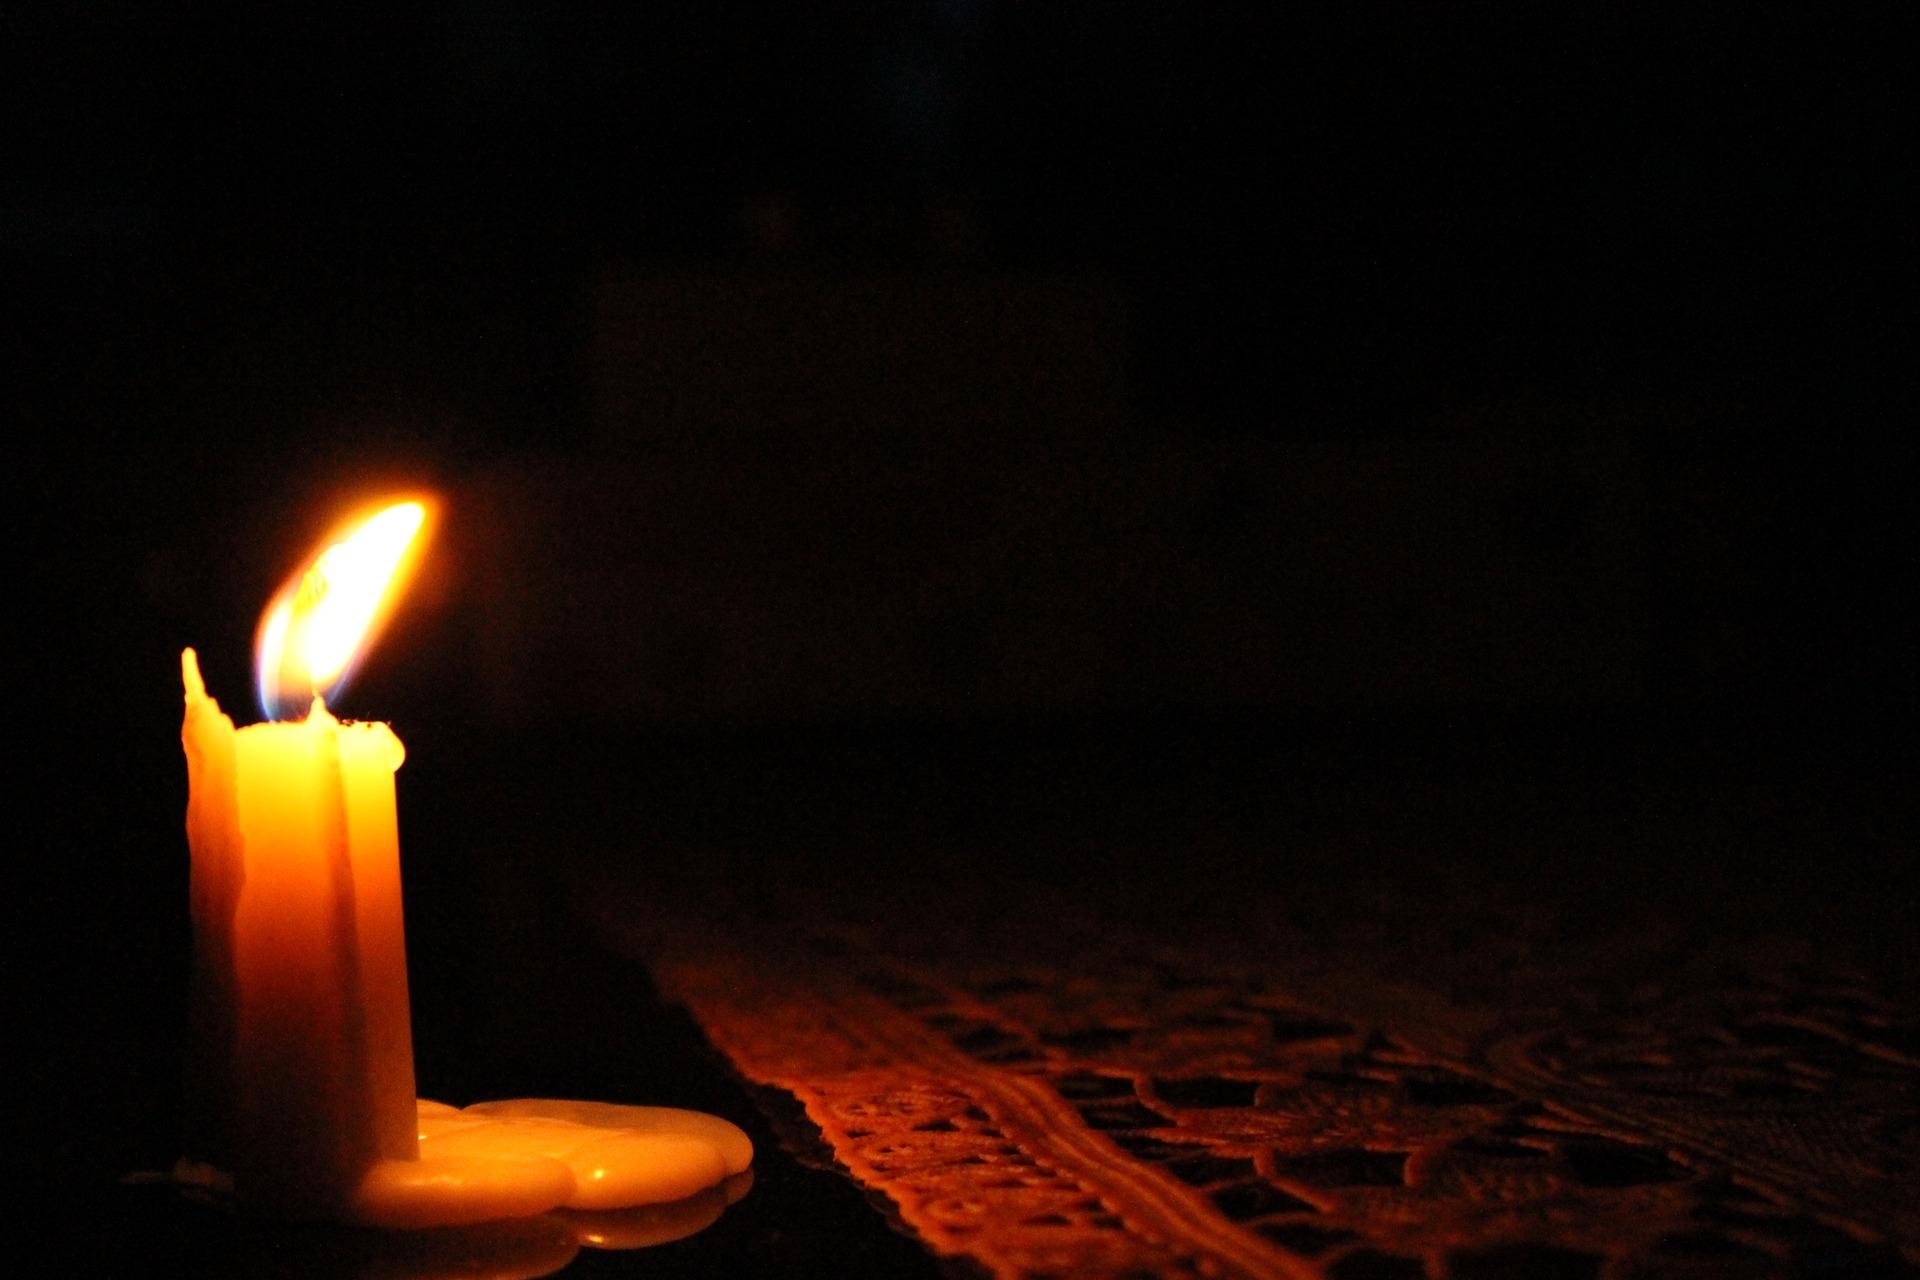 обрабатывается картинка свеча горящая ночью позаимствовал фото